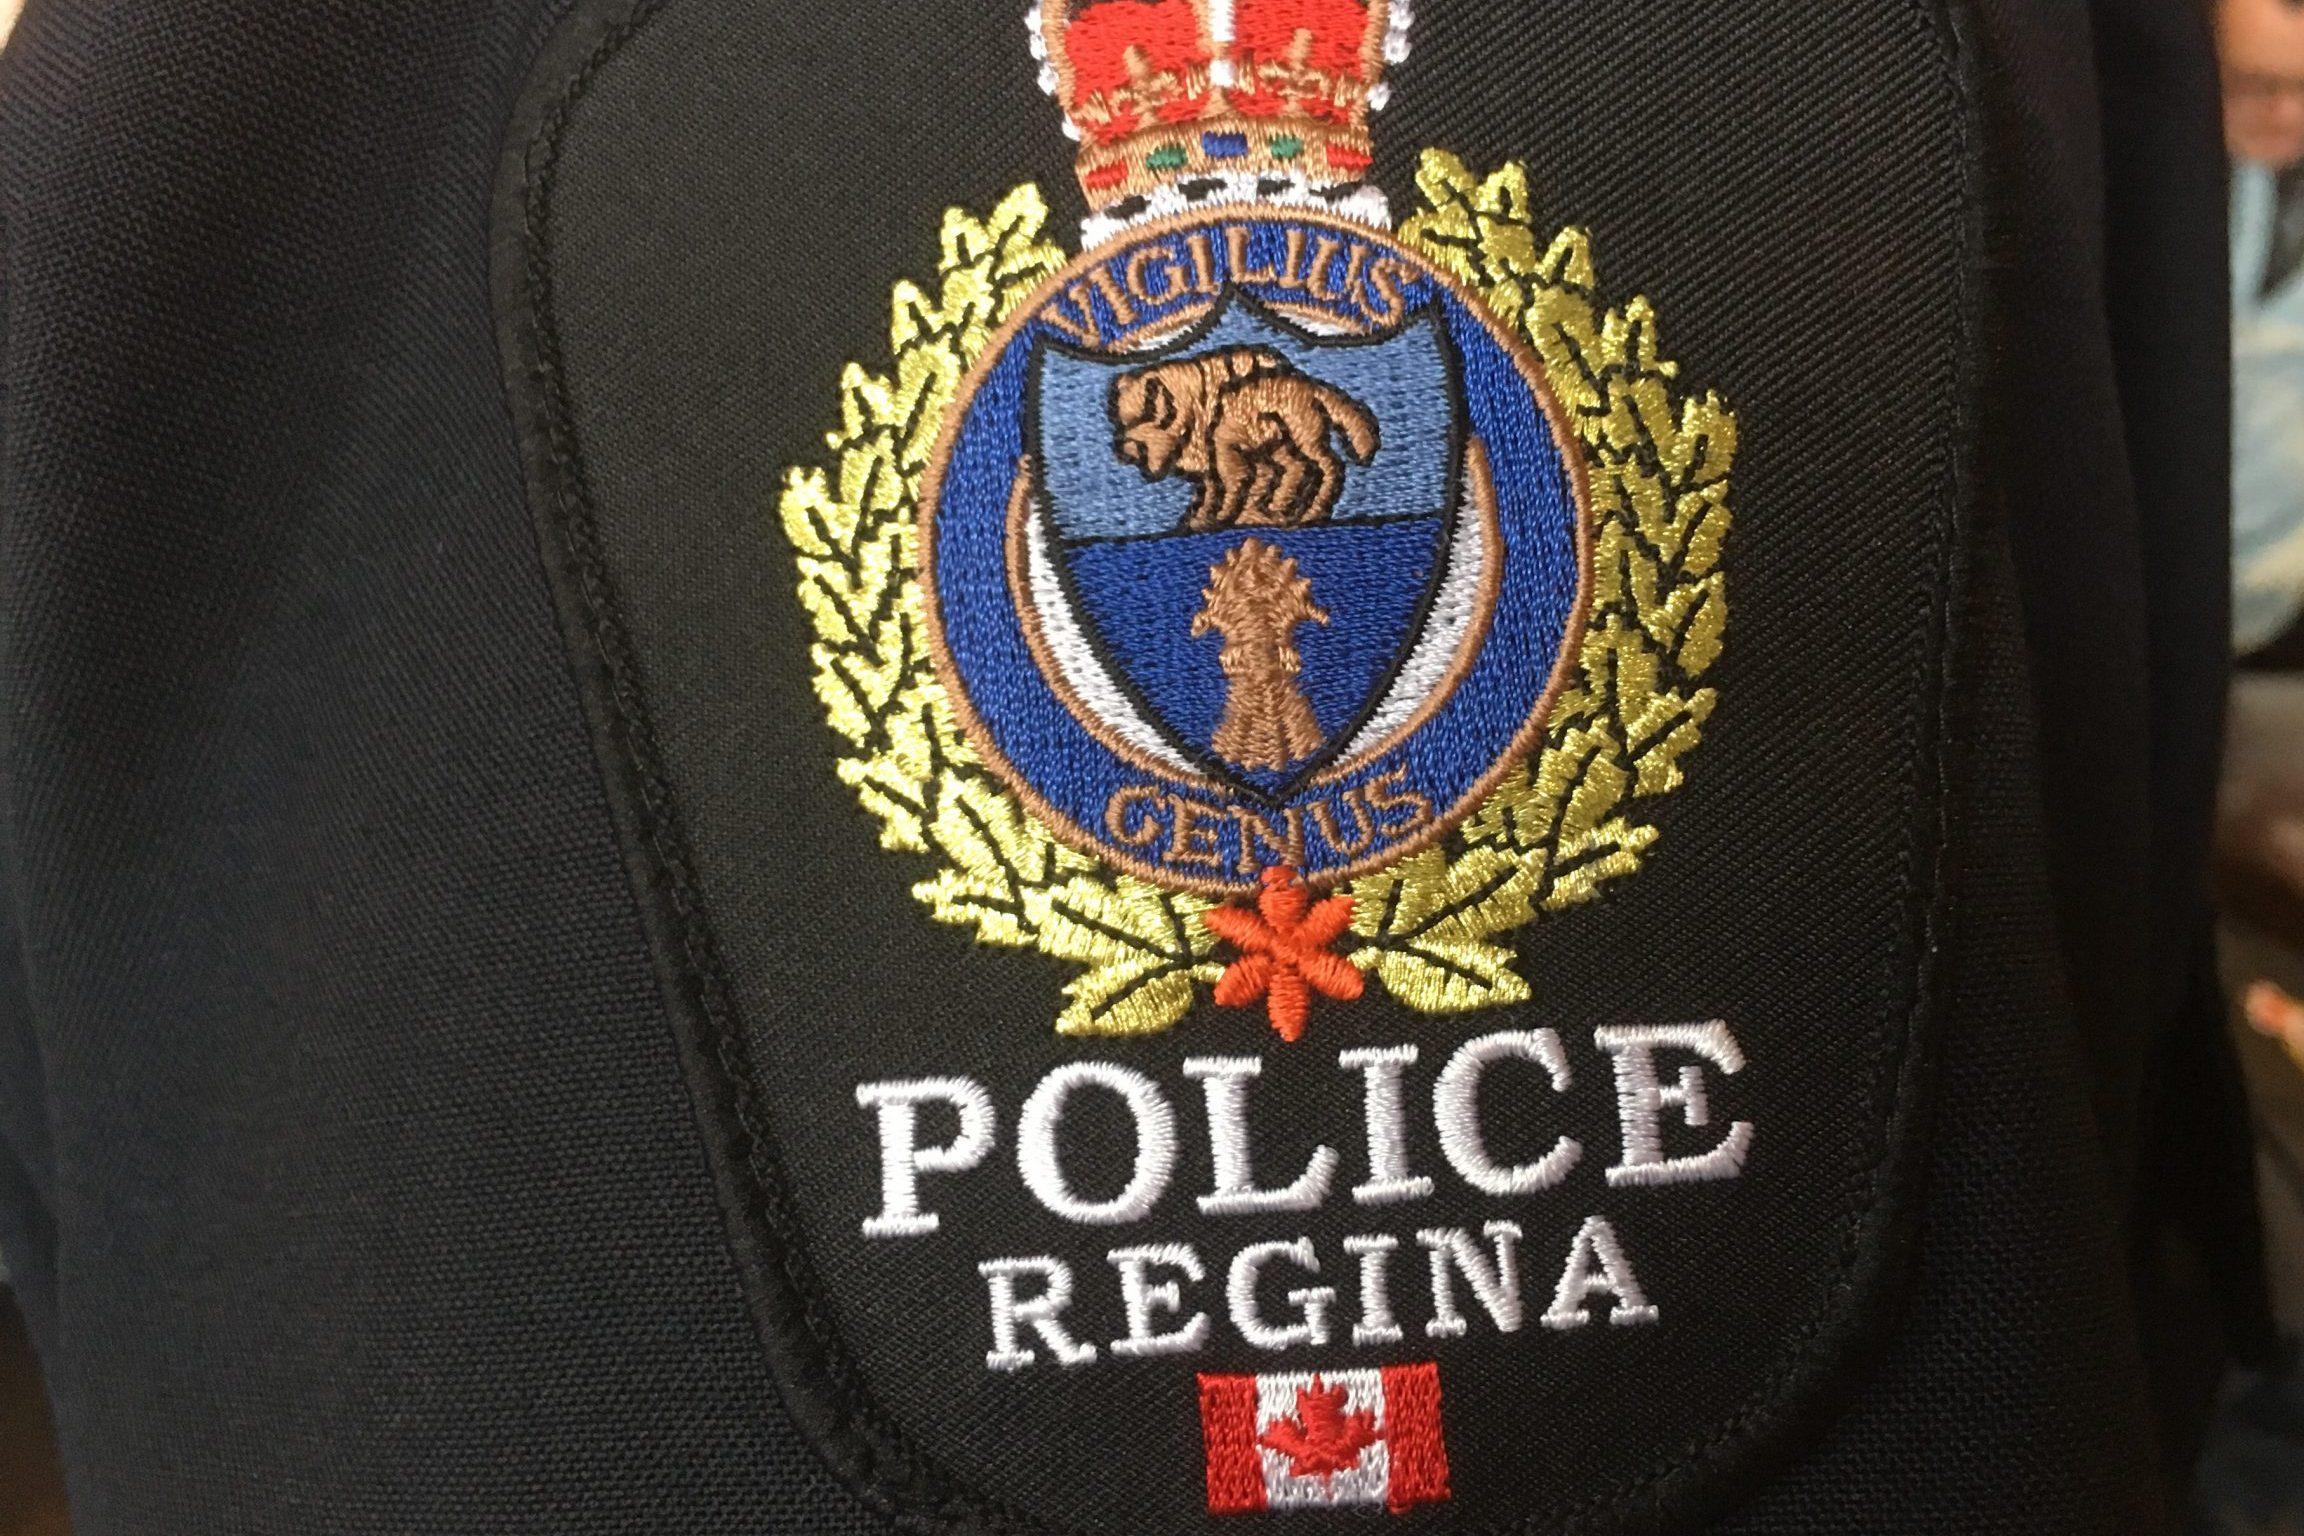 12-year-old boy found safe